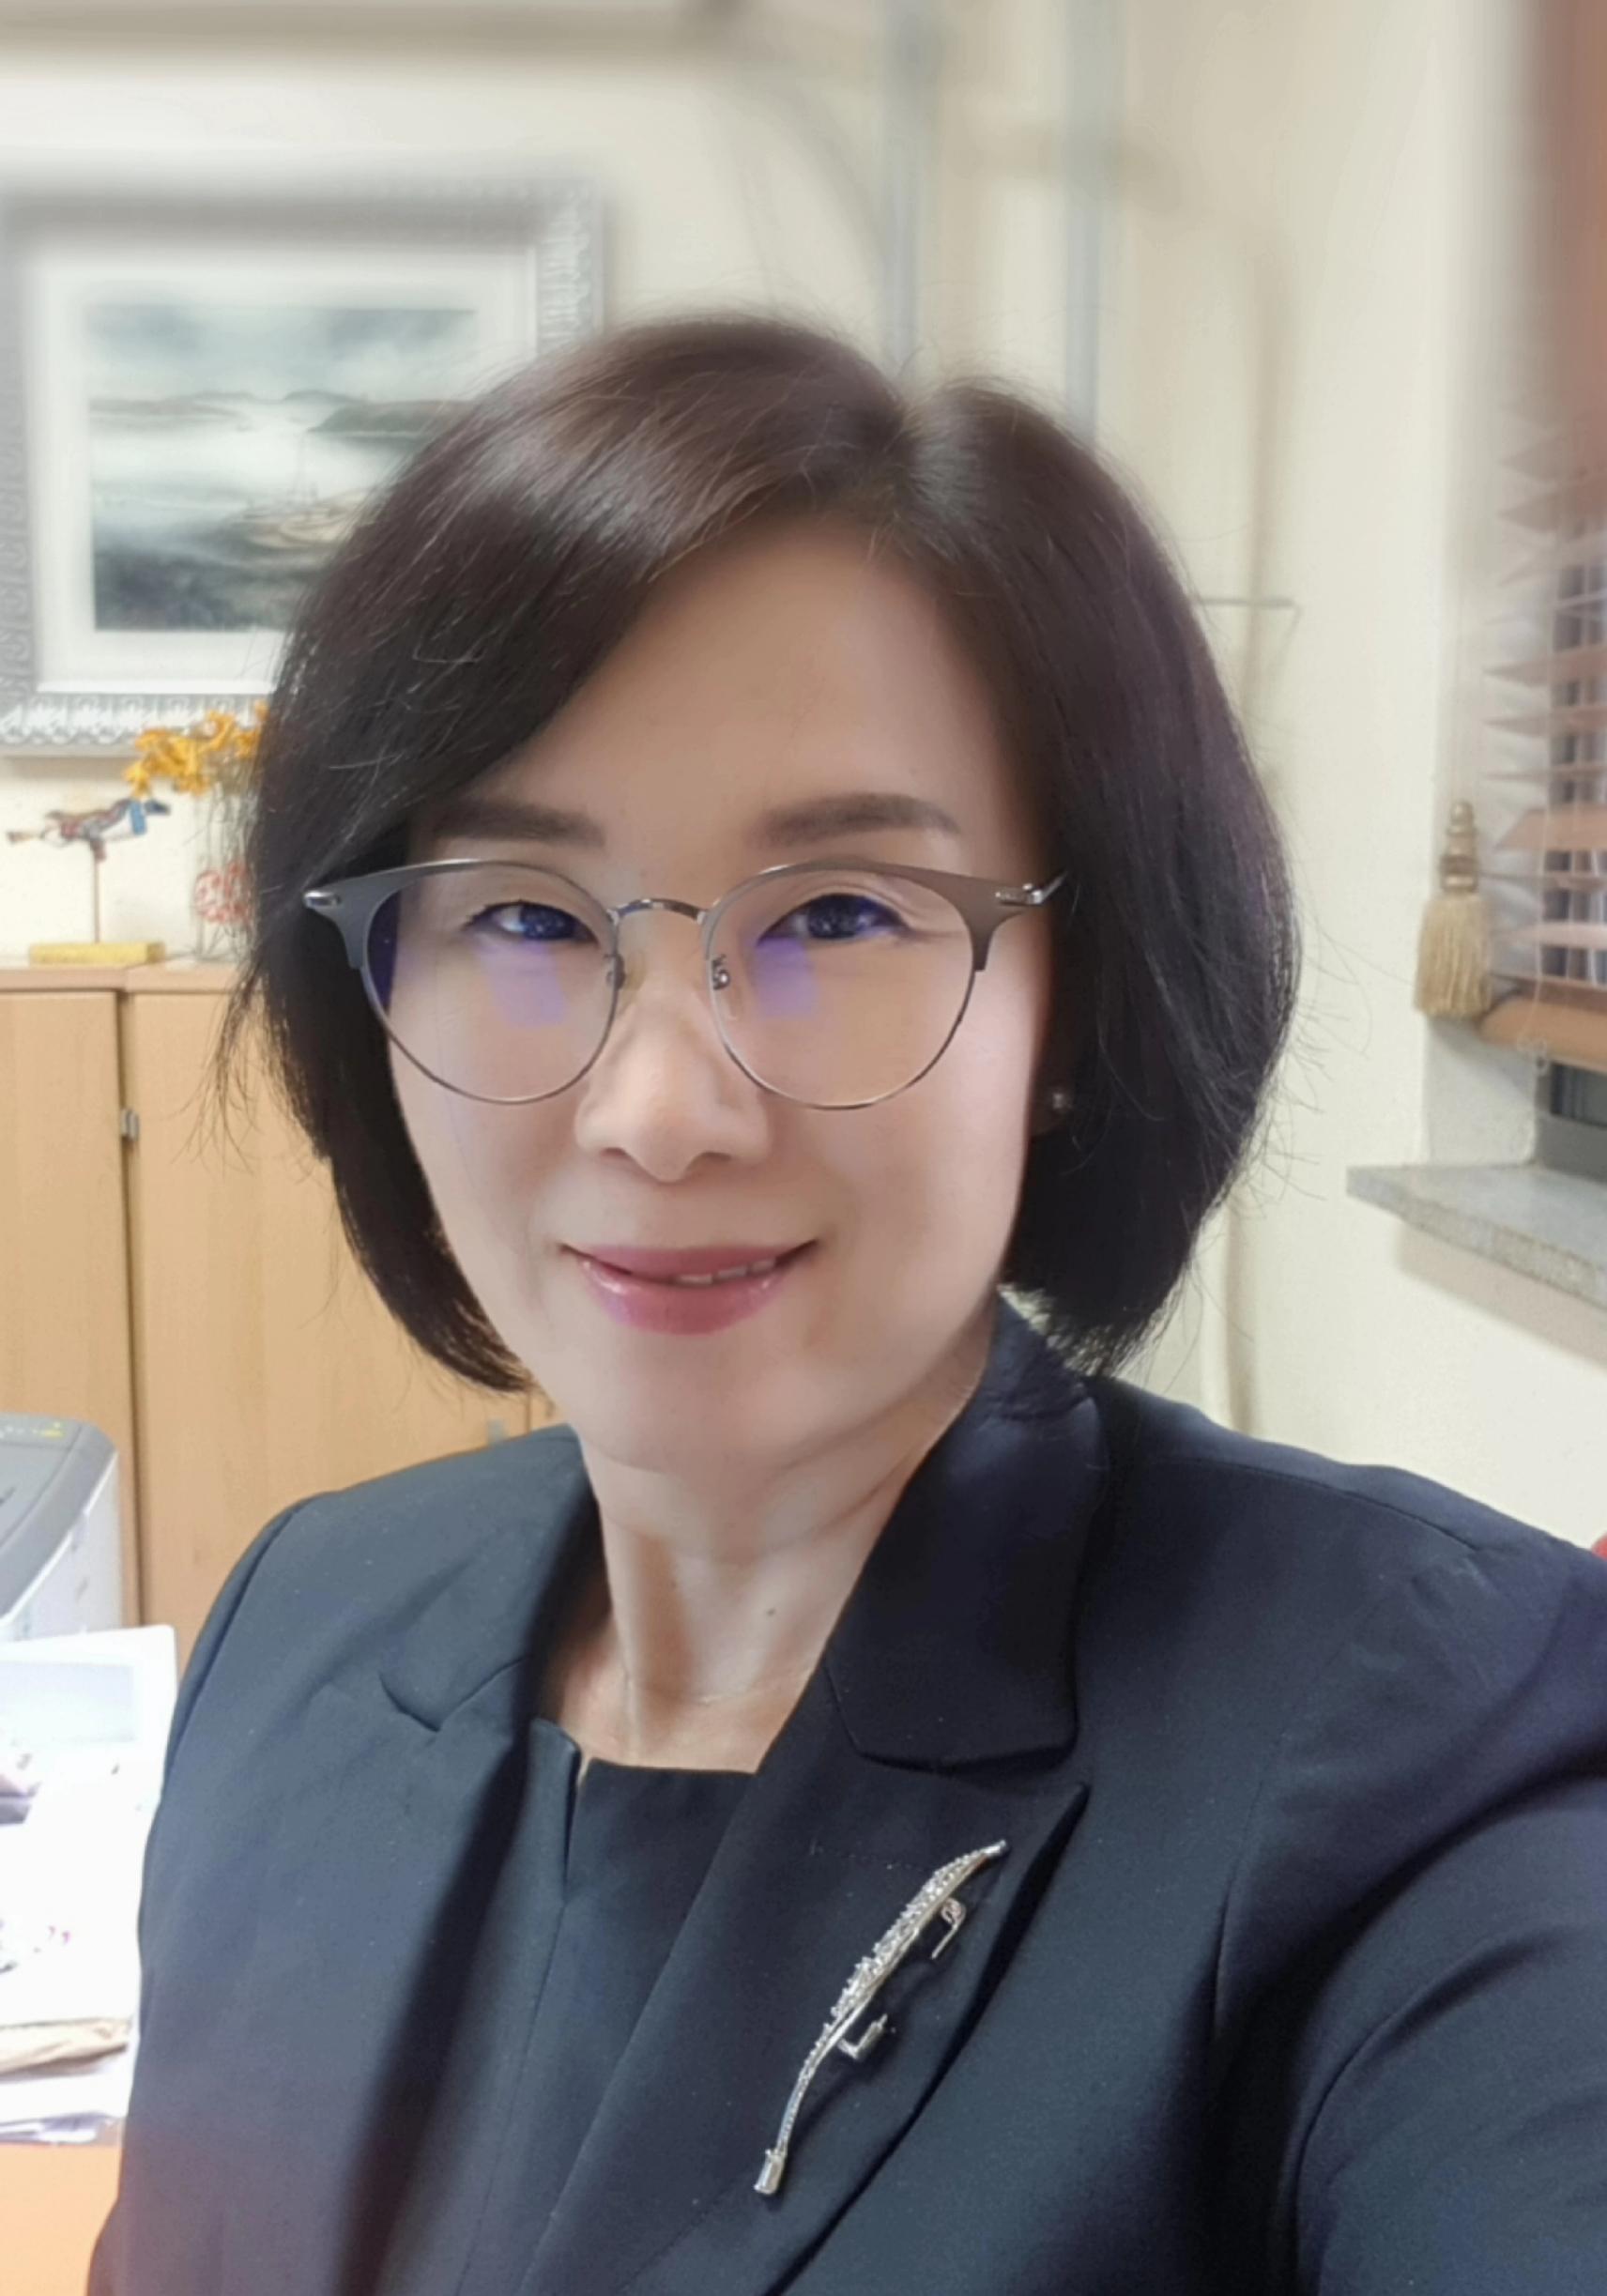 백지숙 교수 사진